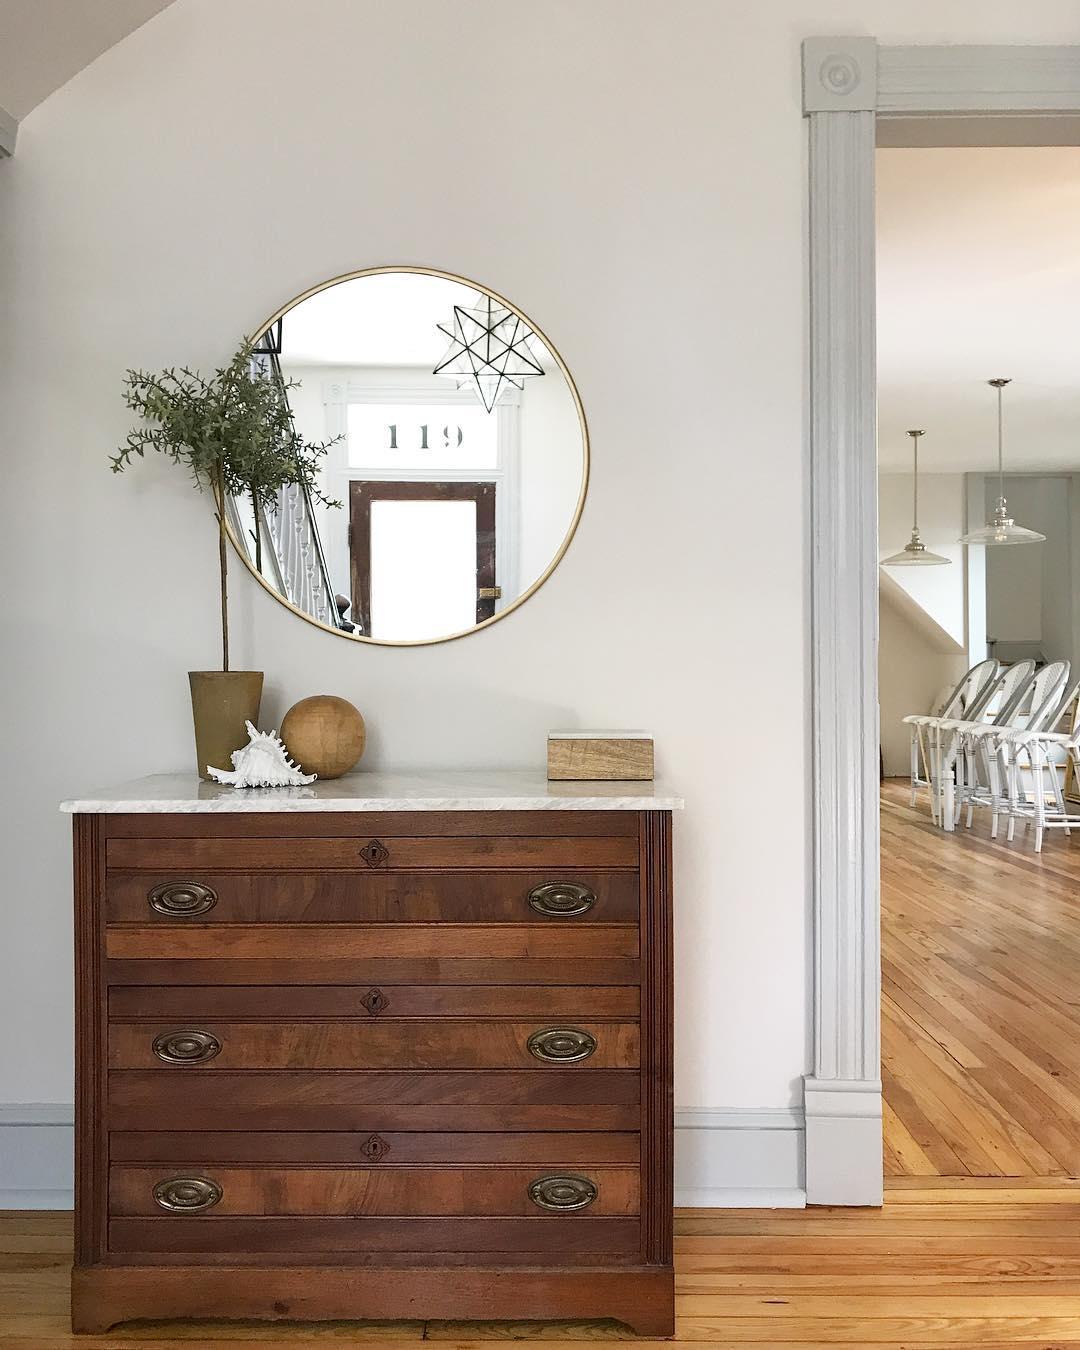 YHL: light walls, dark trim